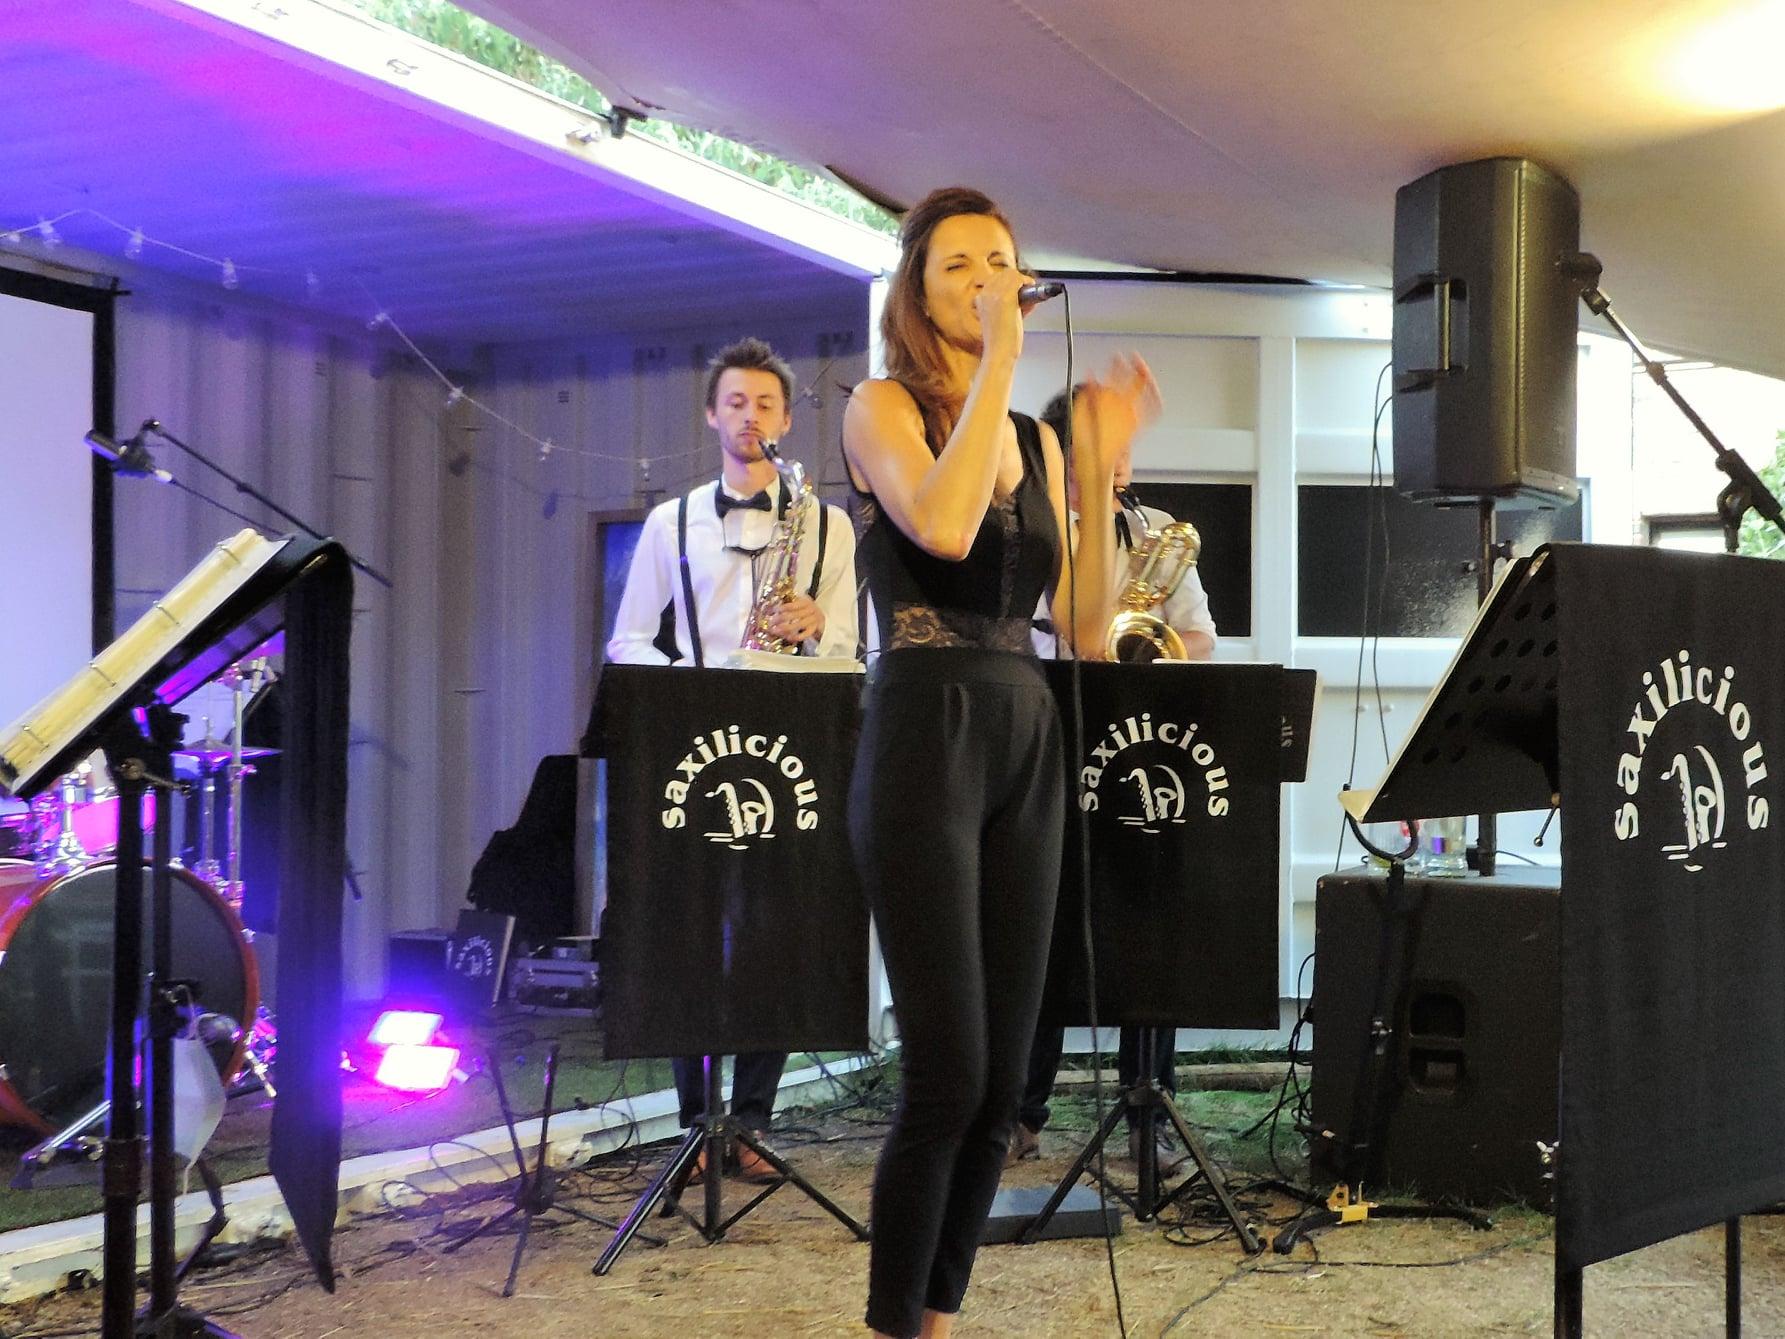 Callicanes-concert jazz 22.07.21_2.jpg